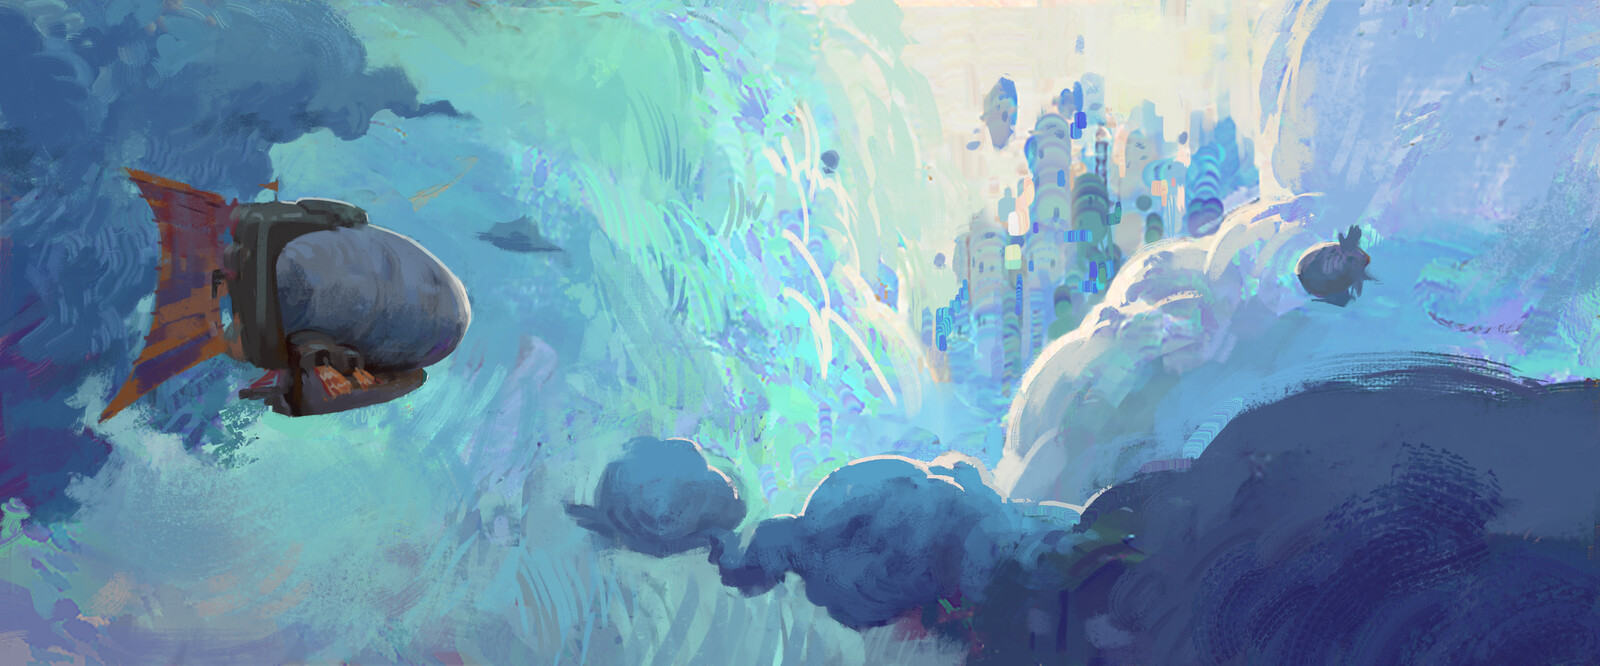 Nimbus city